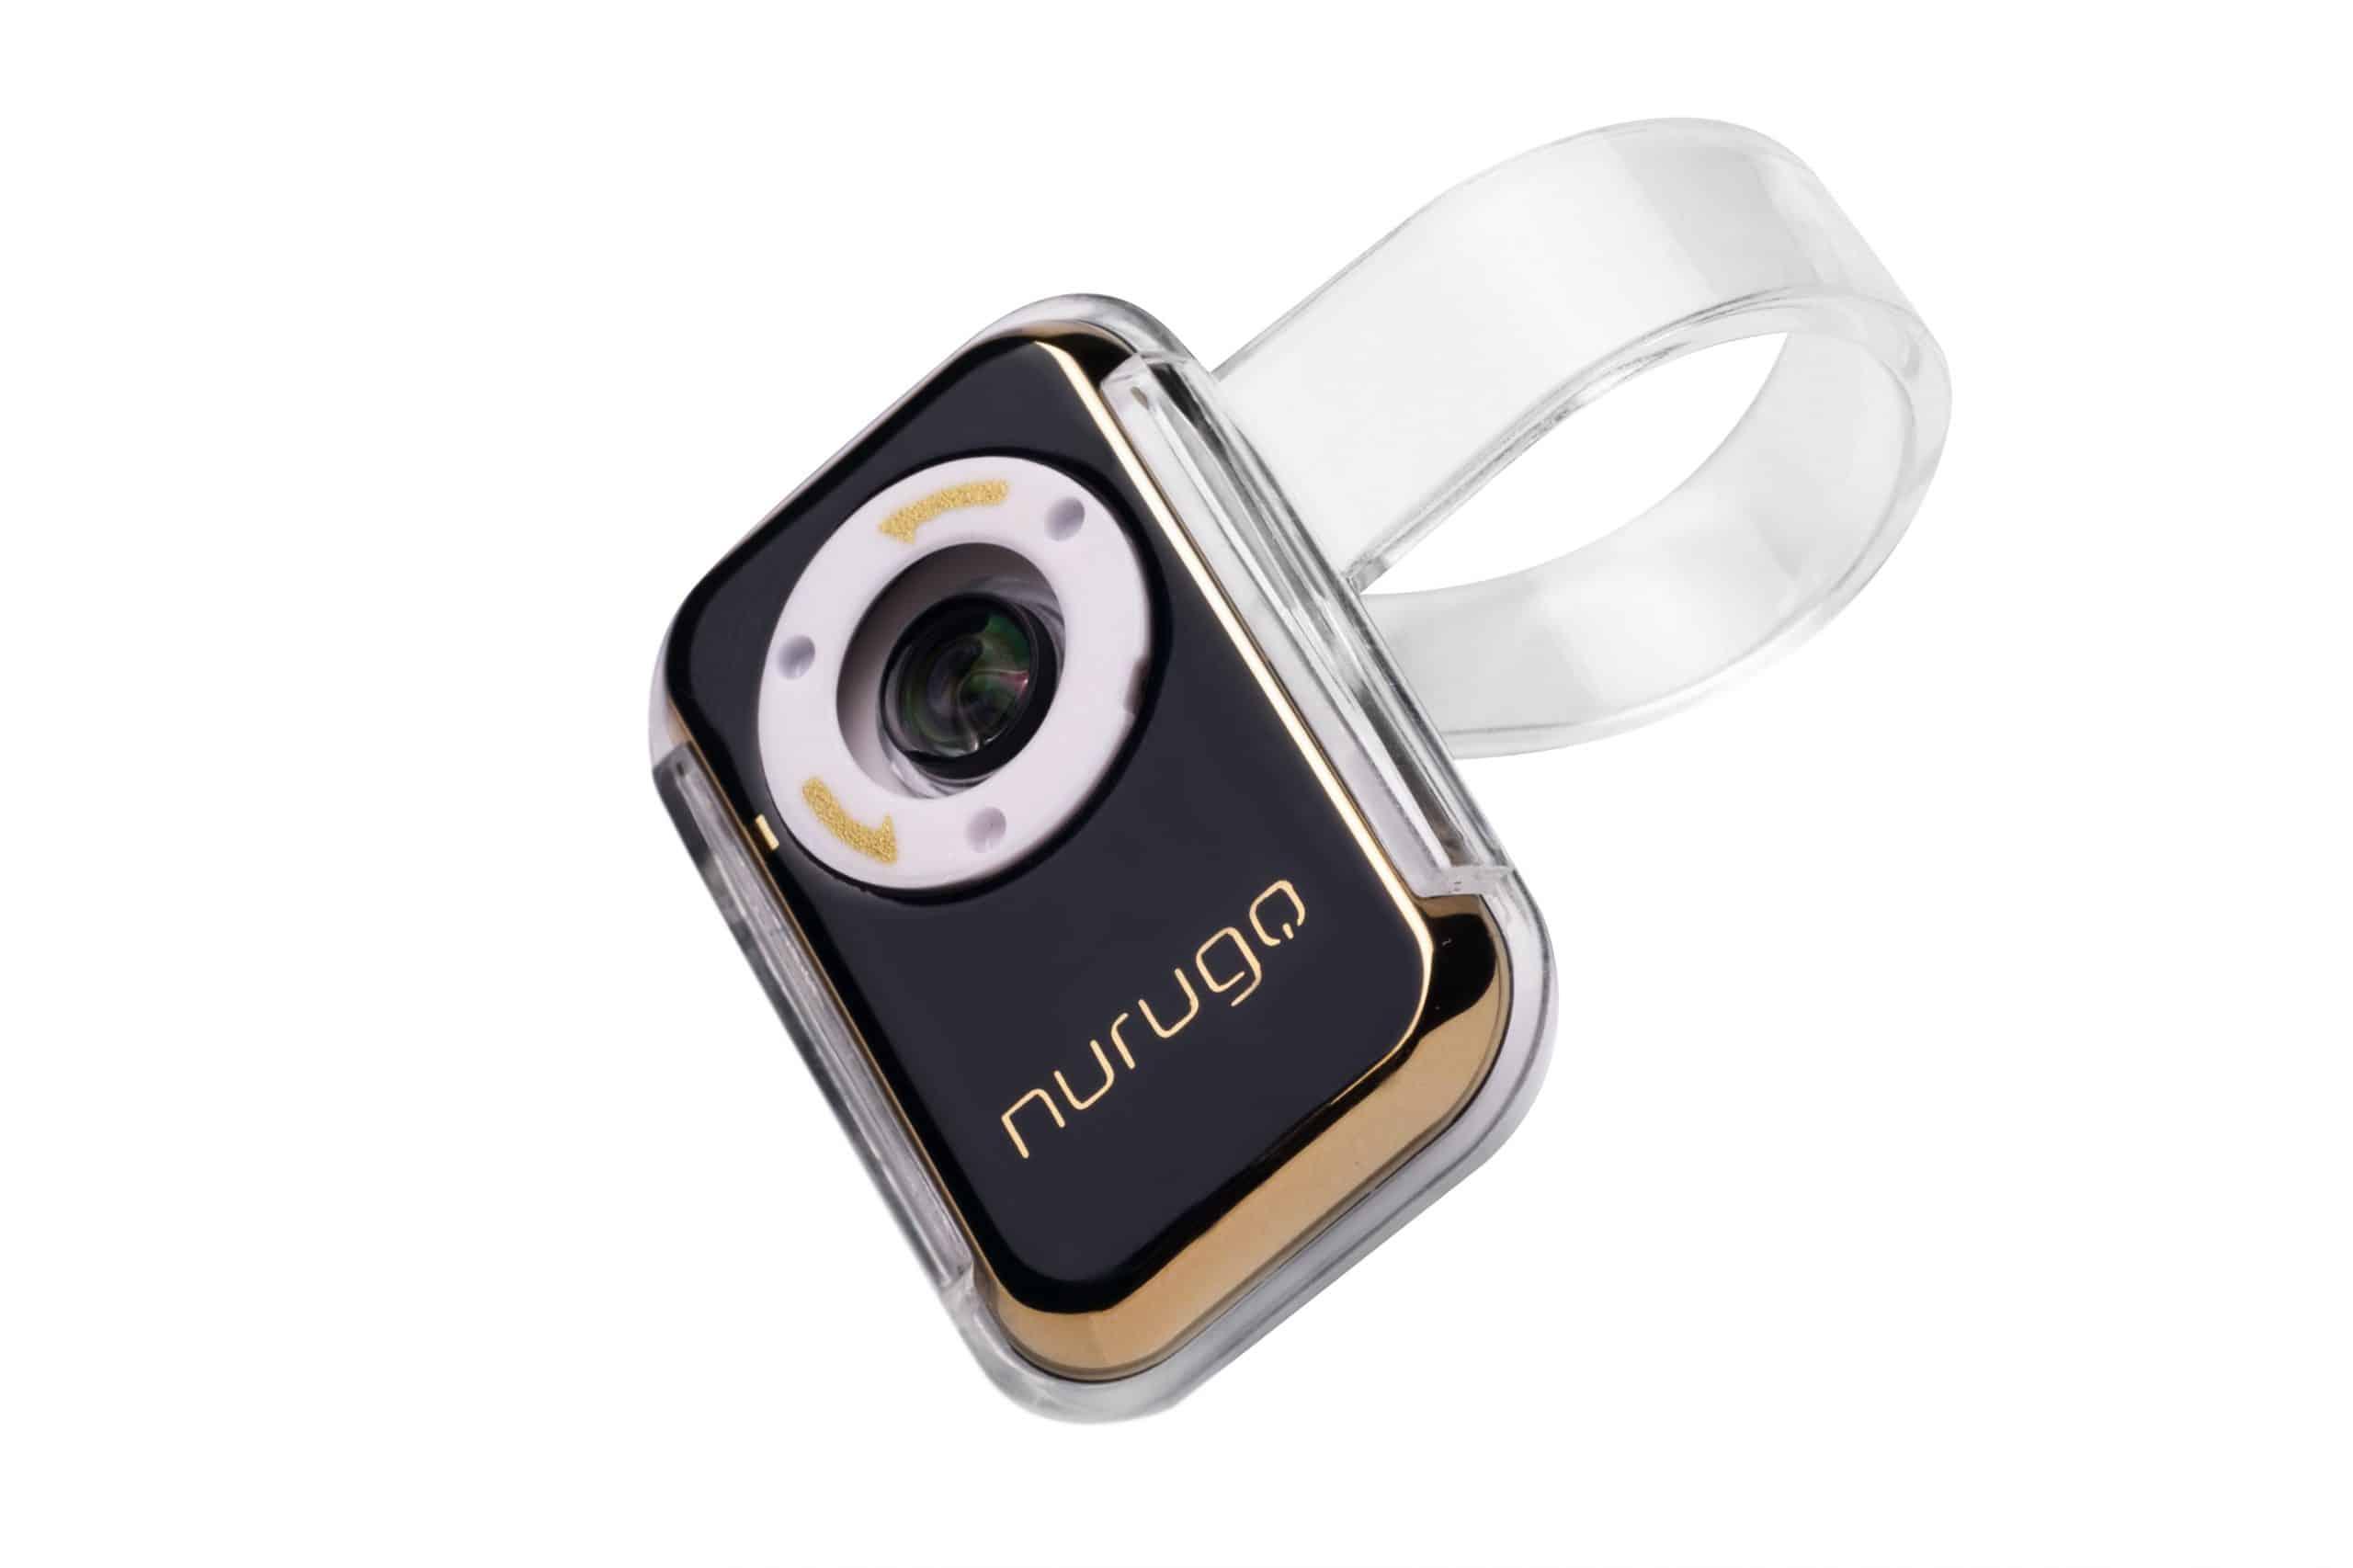 Smartphone Microscope Attachment 2